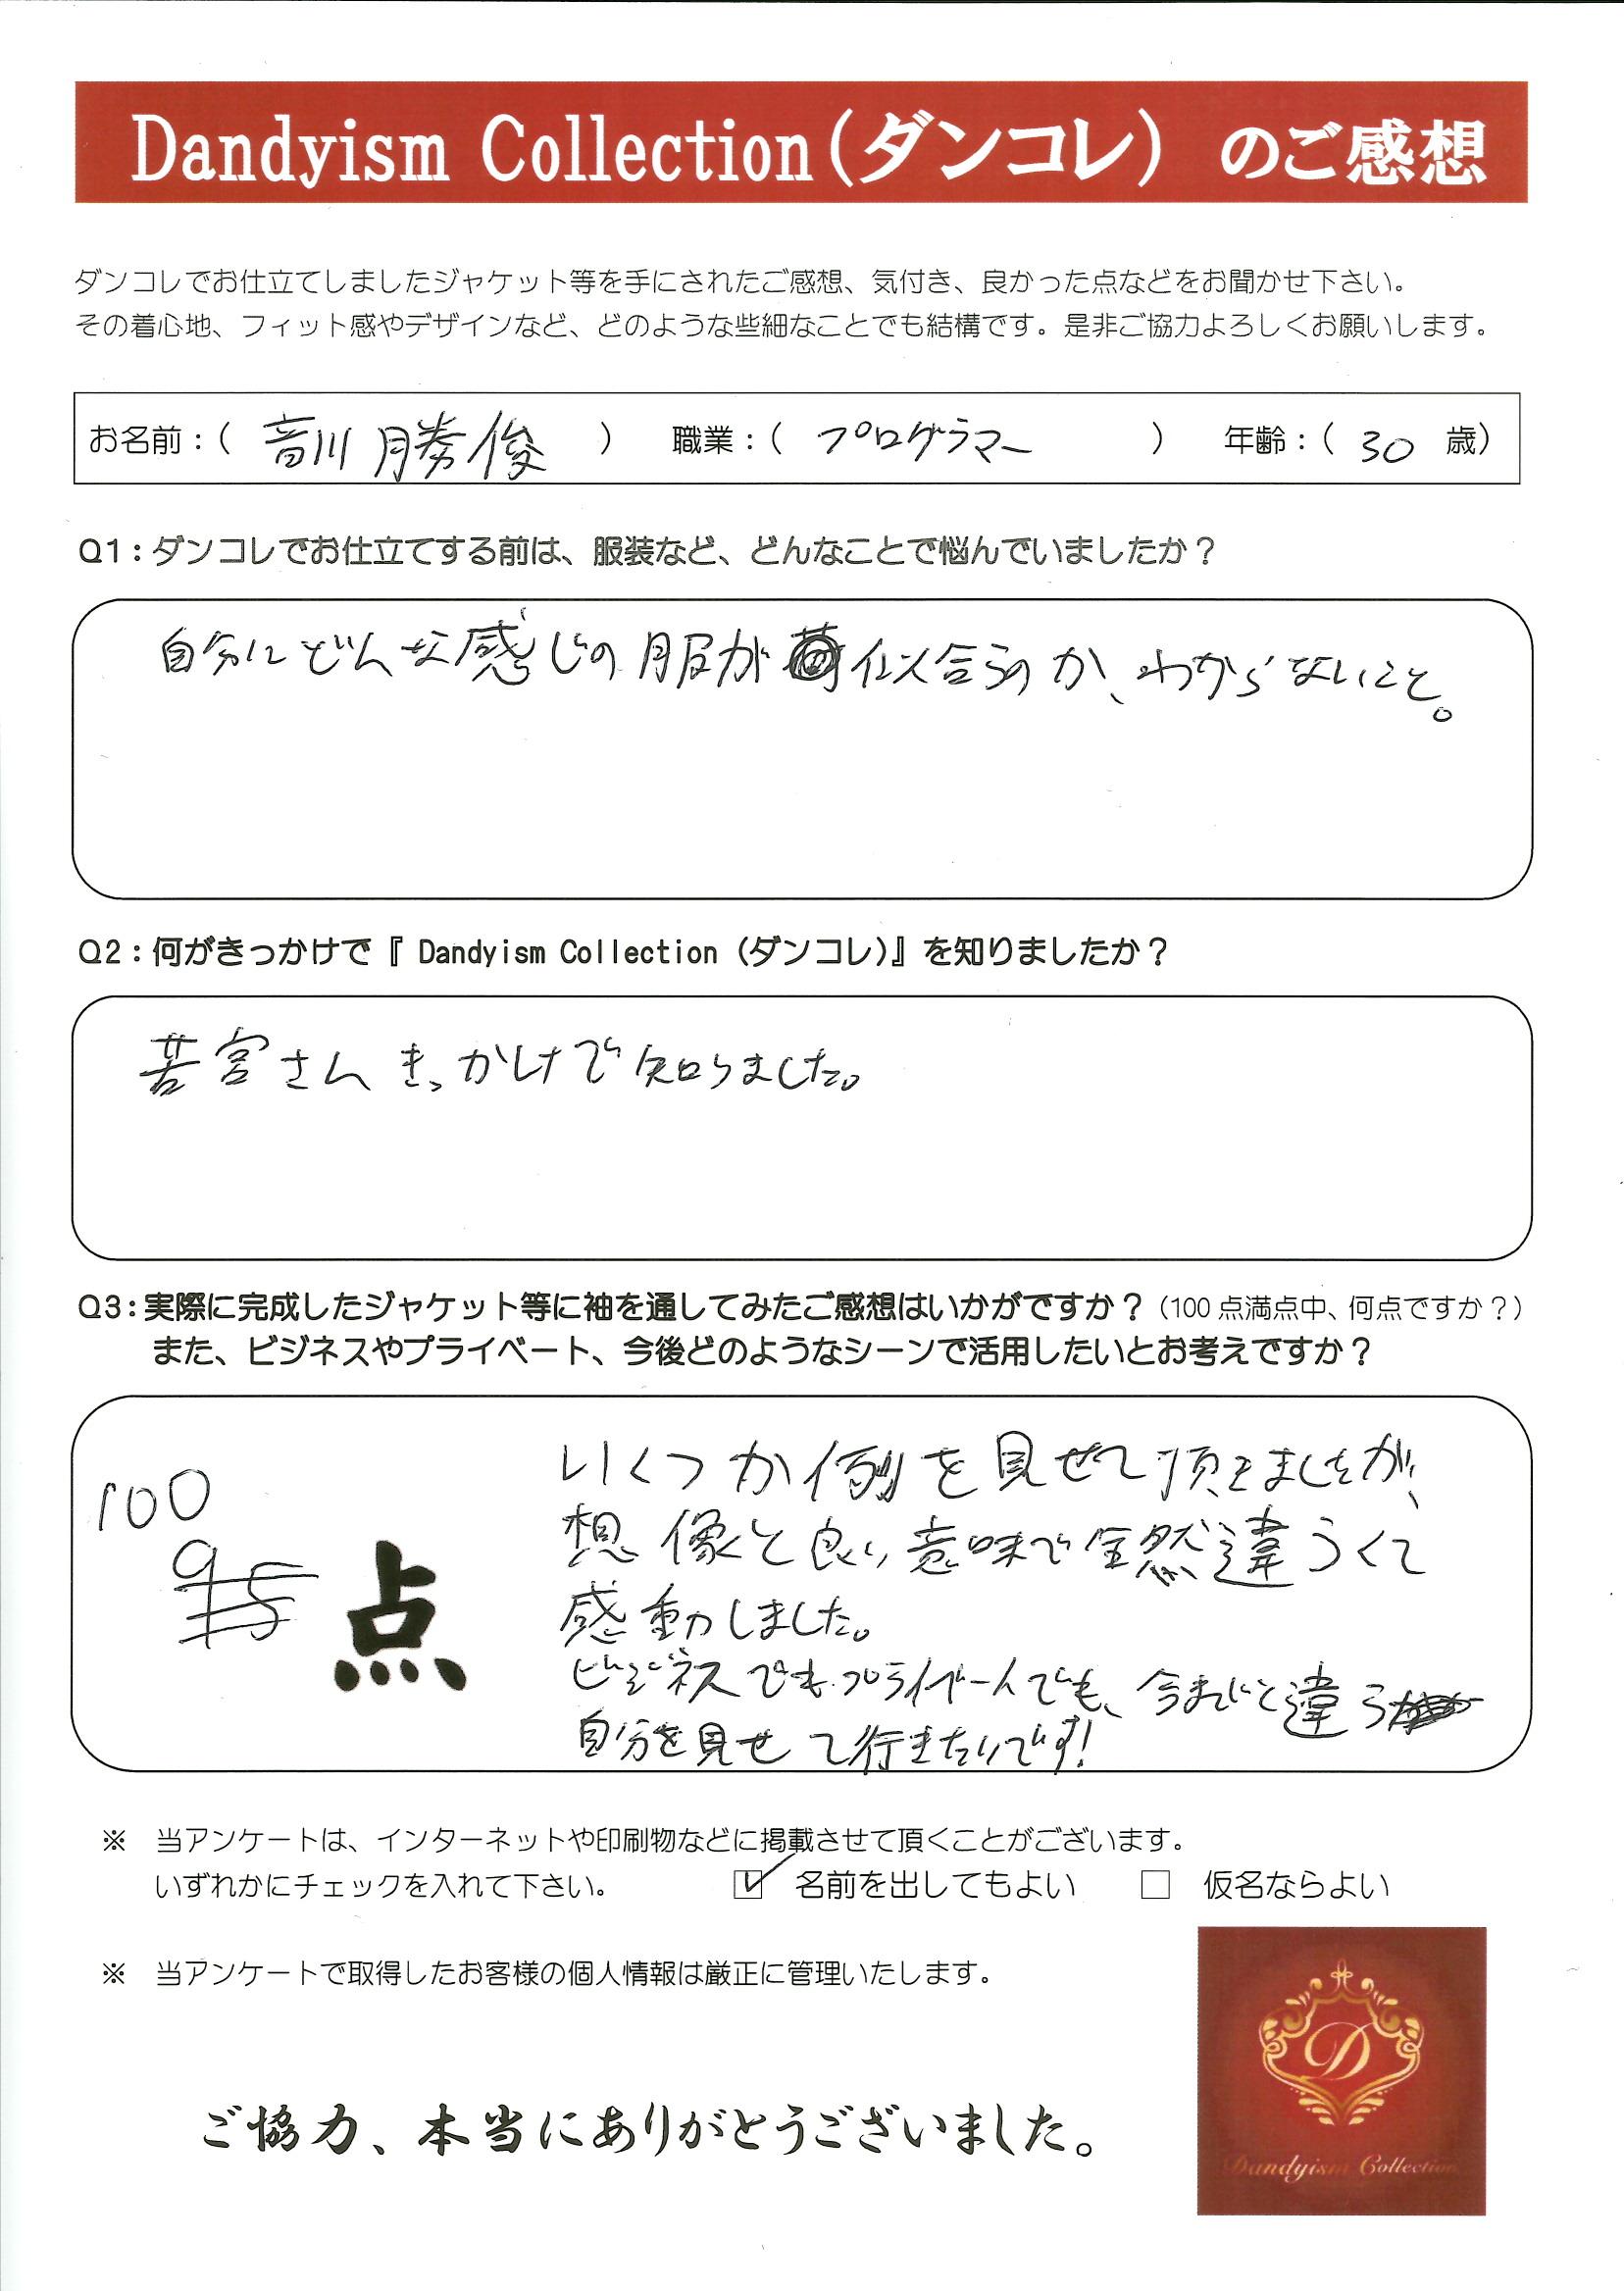 音川 勝俊様 プログラマー 30歳